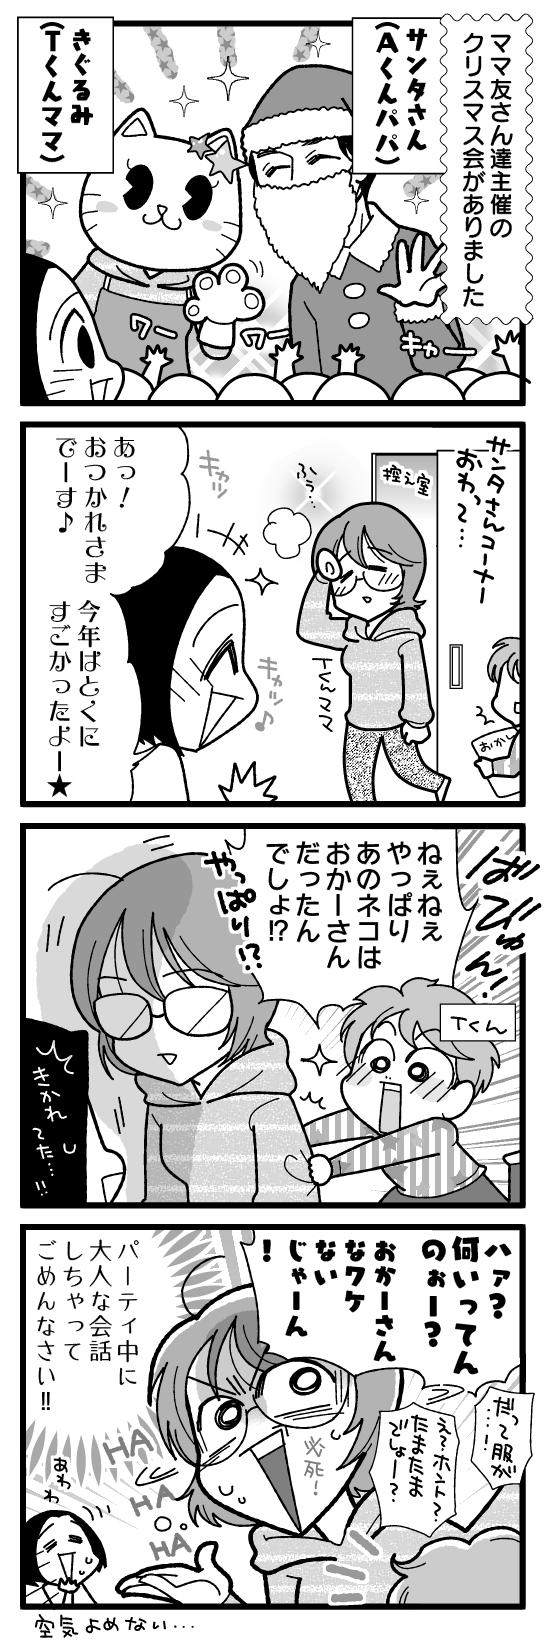 漫画『怒涛のにゅーじヨージ』Vol.183「クリスマス会のお作法」 1コマ目